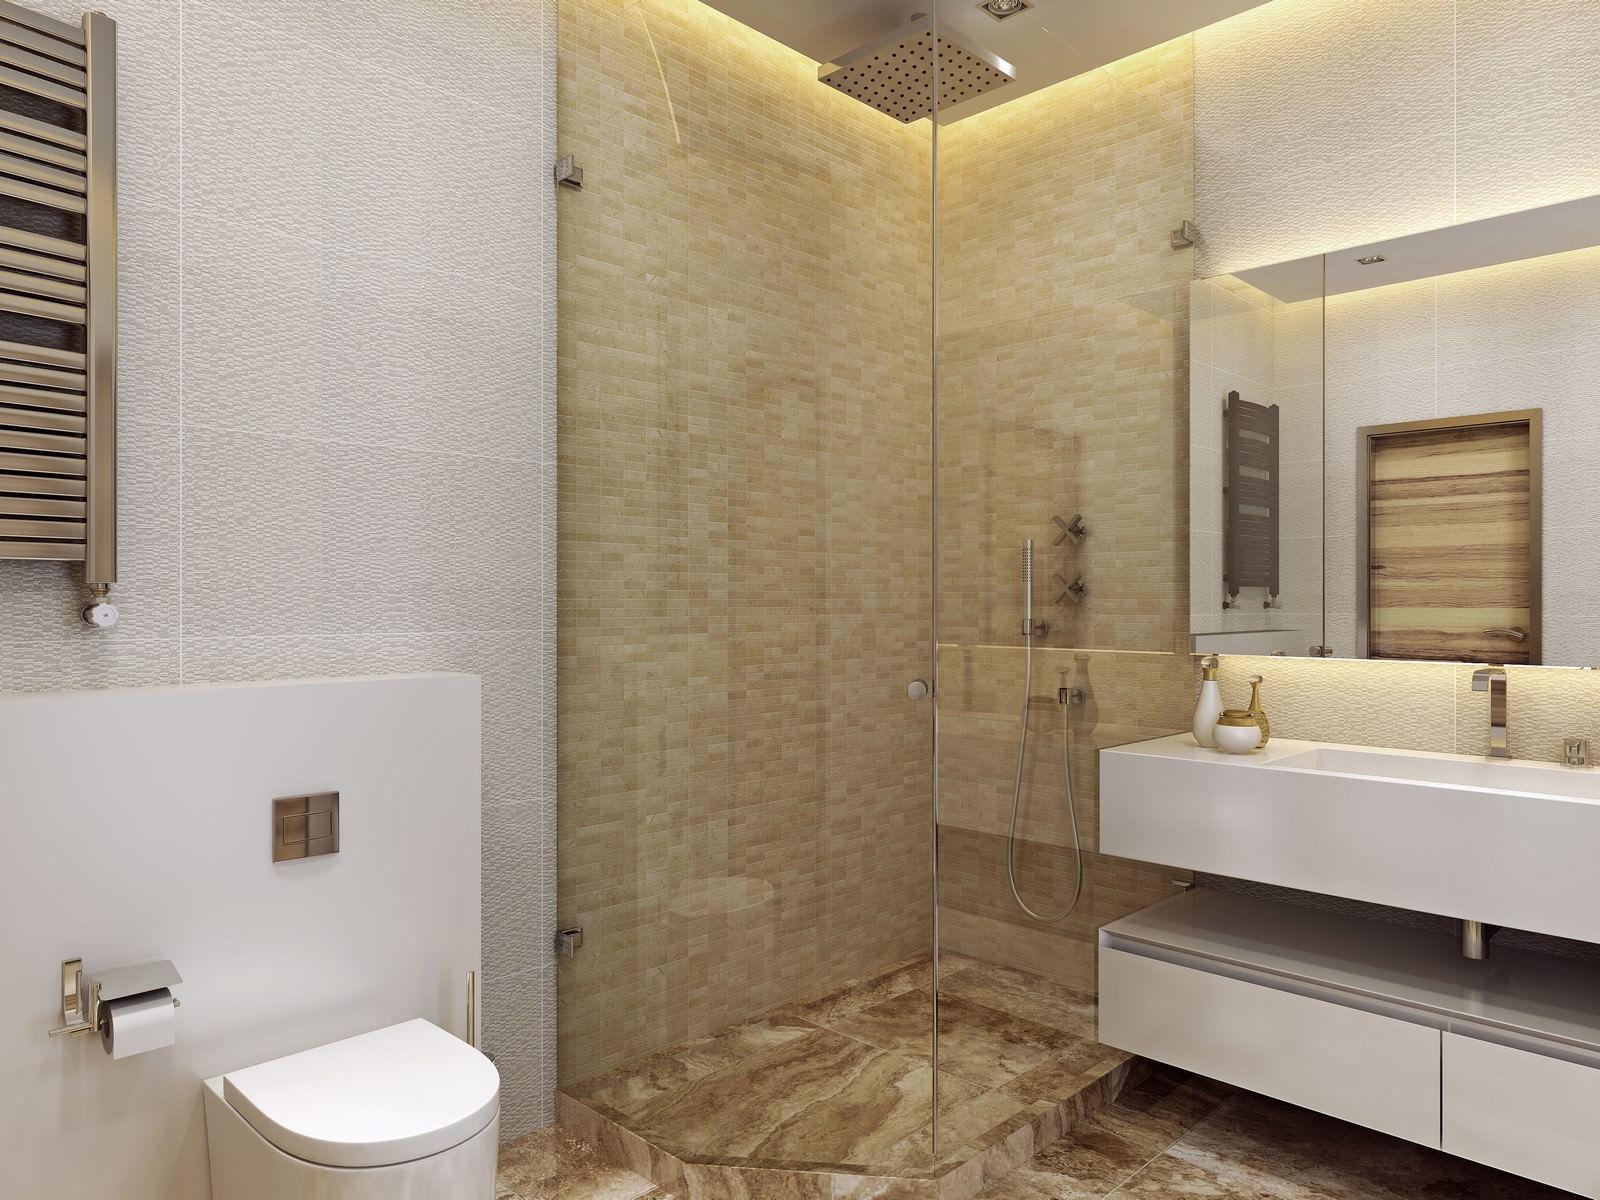 Creation salle de bain amazing isolation salle de bain for Cout creation salle de bain